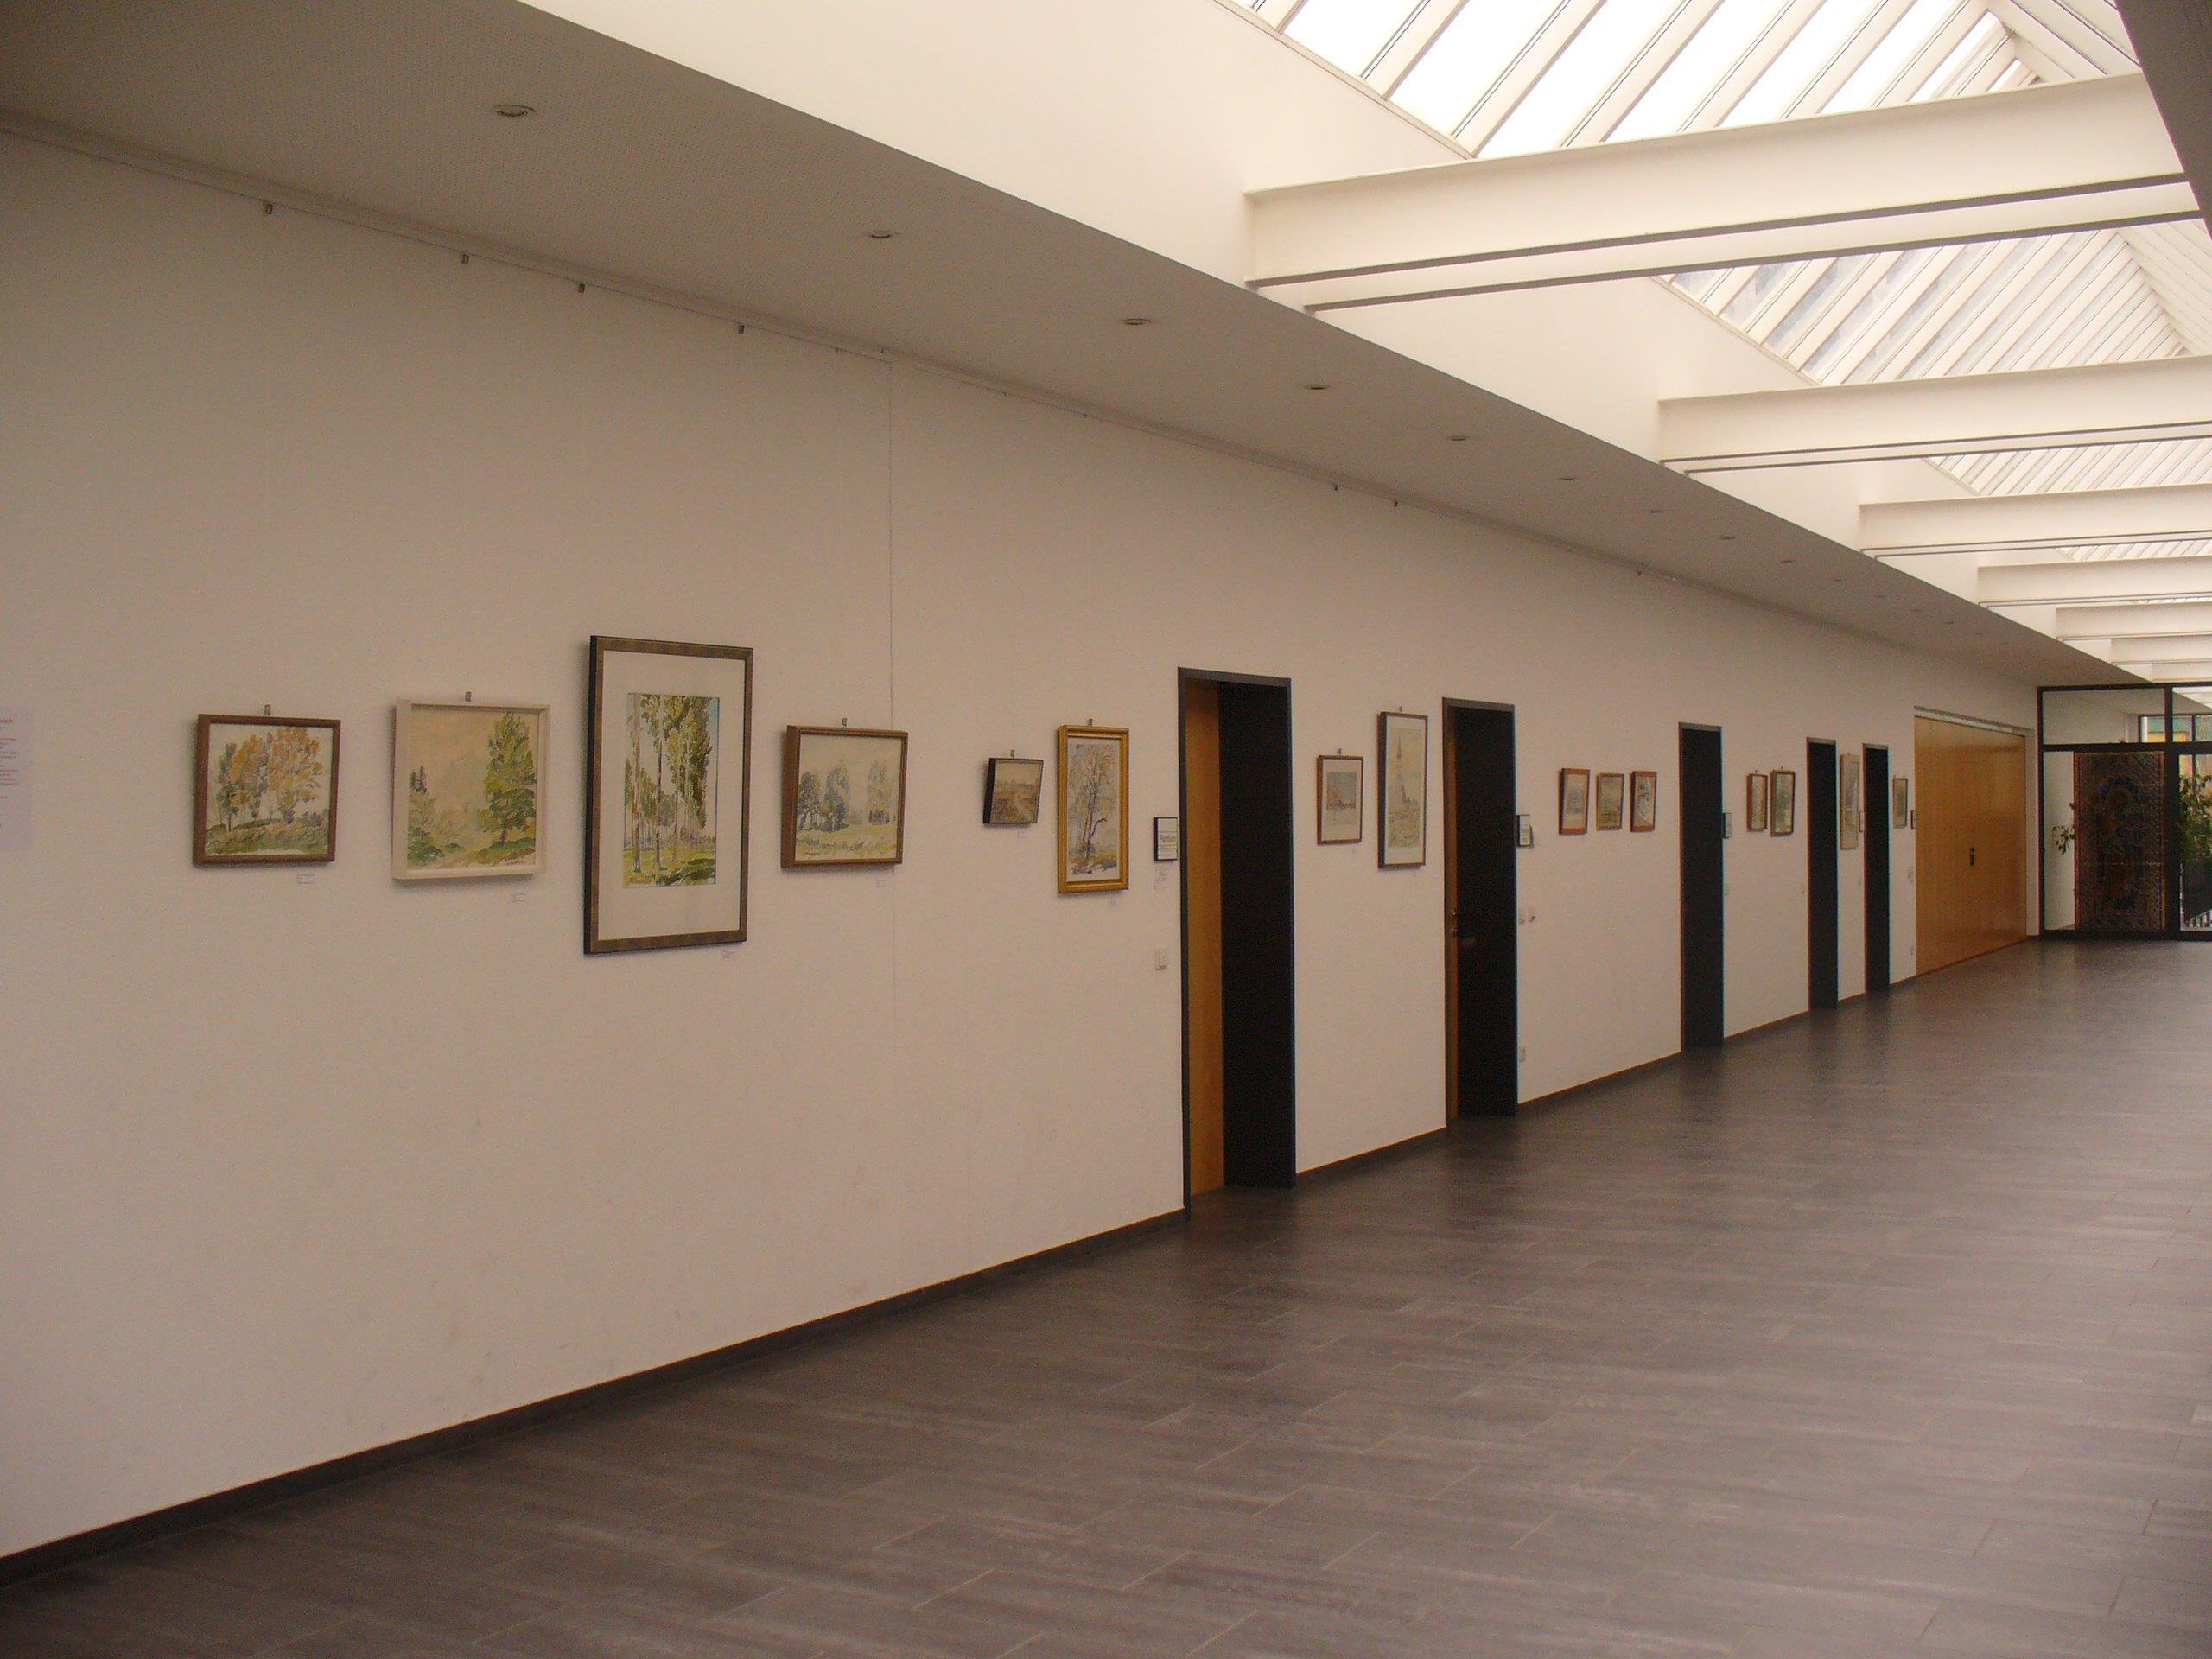 Auch im Altacher Pfarrzentrum werden die Kunstwerke von Nuderscher gezeigt